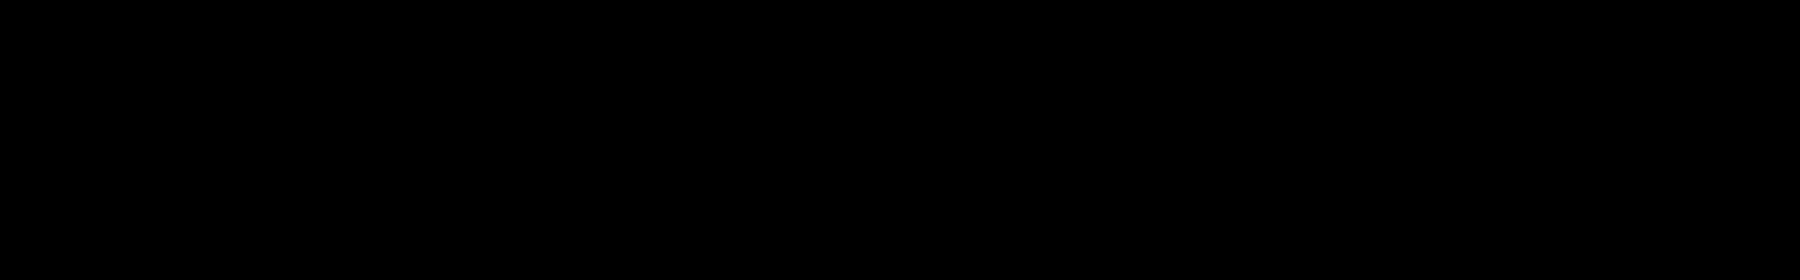 Gauzy - Progress audio waveform